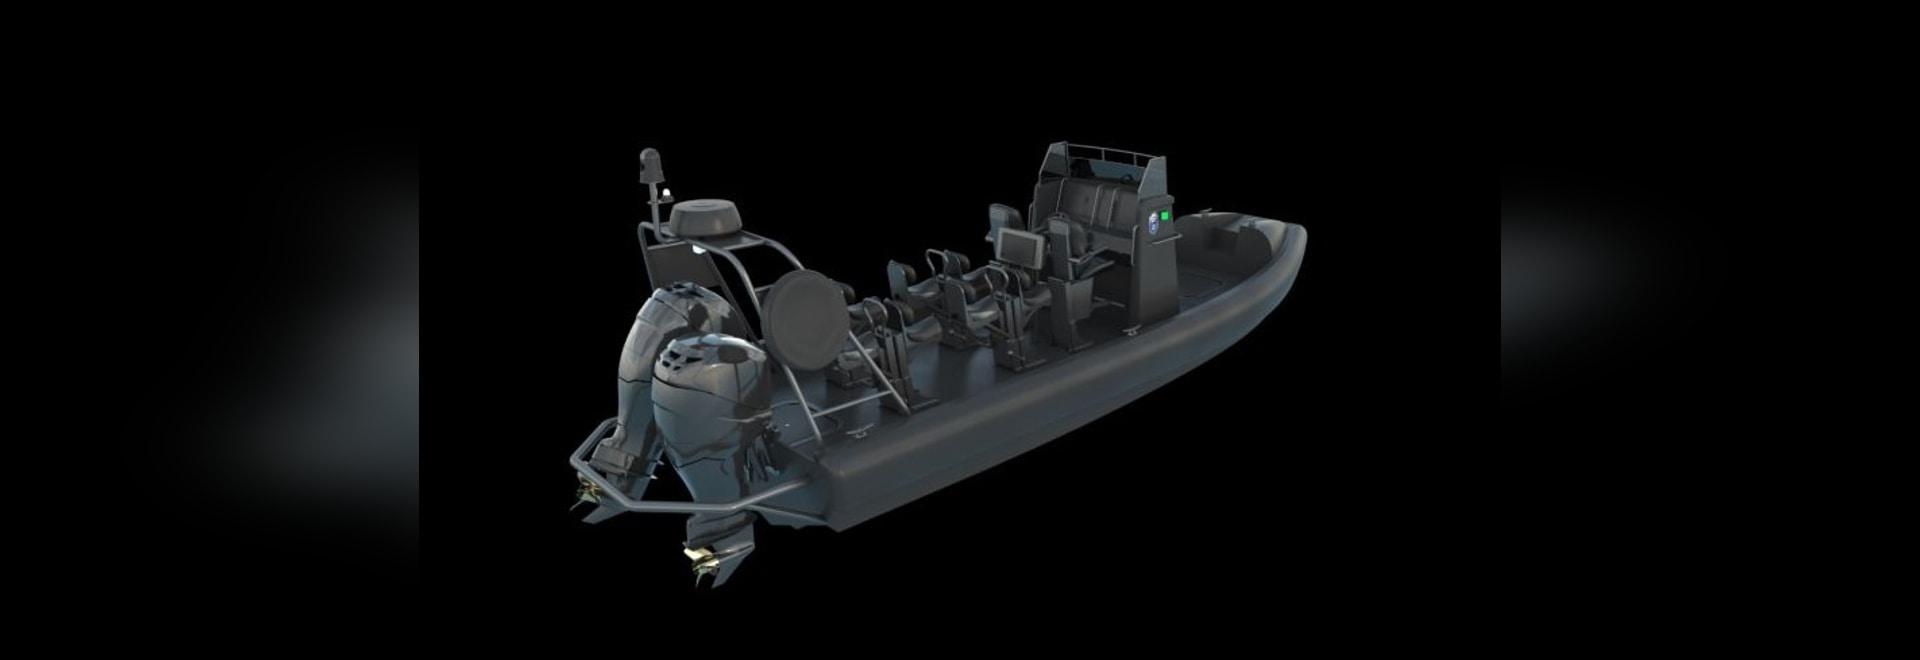 The 8-metre ProZero Center Console has a non-stepped, variable deep V-bottom hull